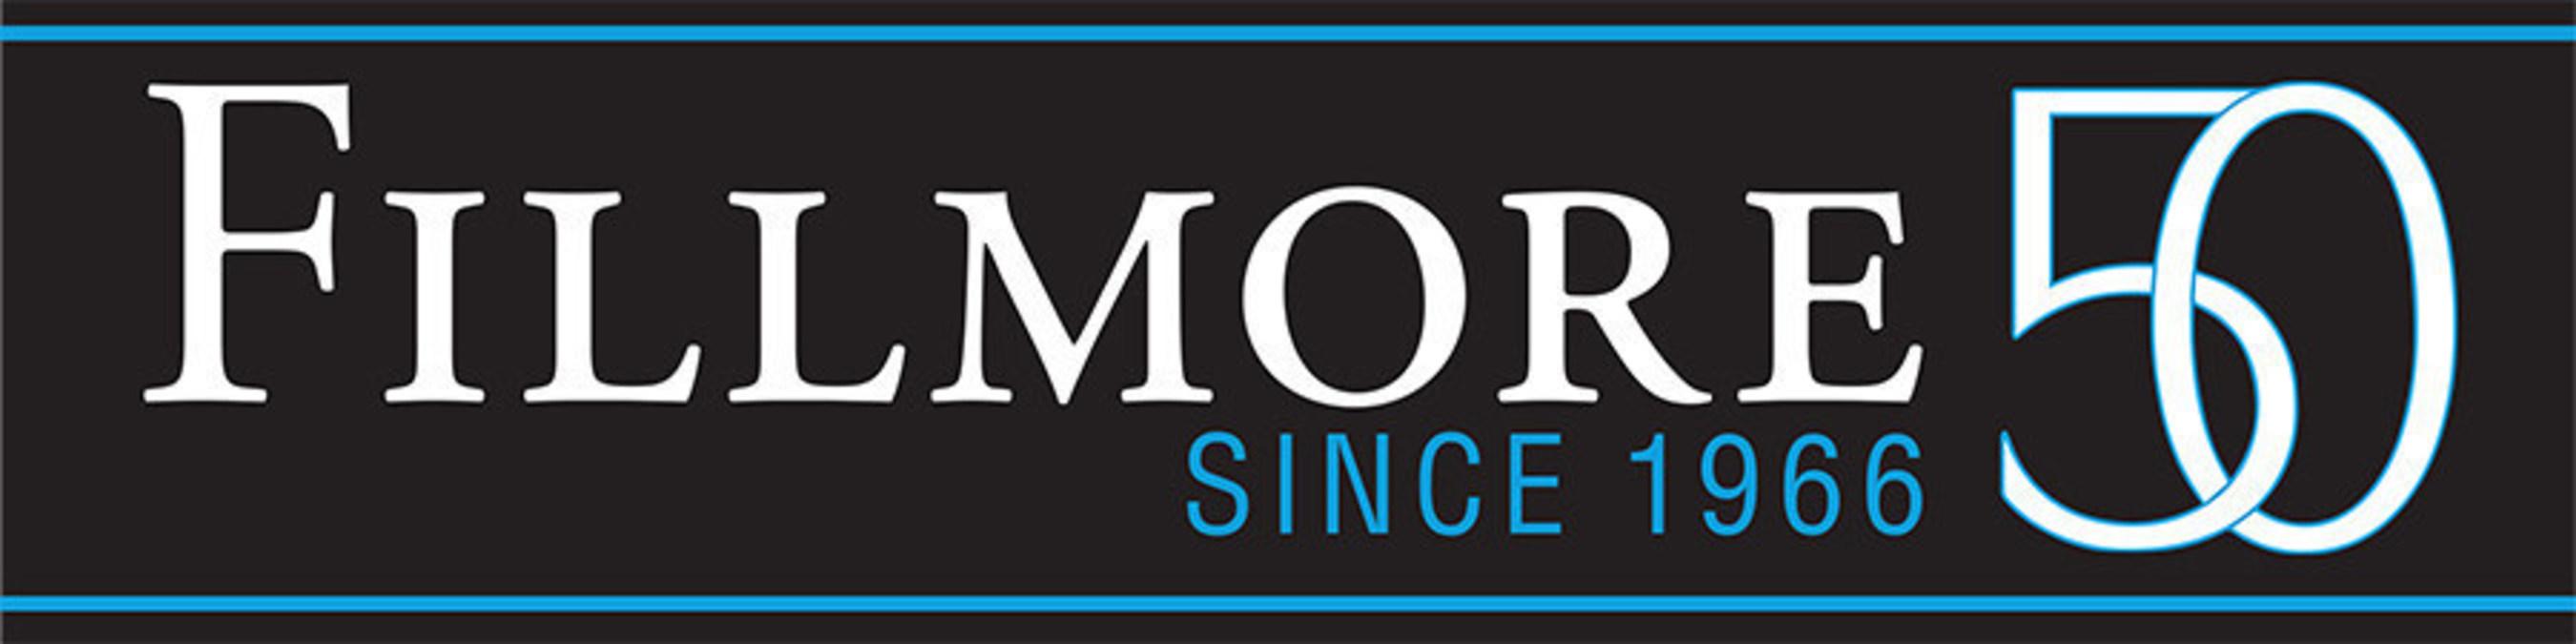 Fillmore Real Estate Celebrates Its 50th Anniversary